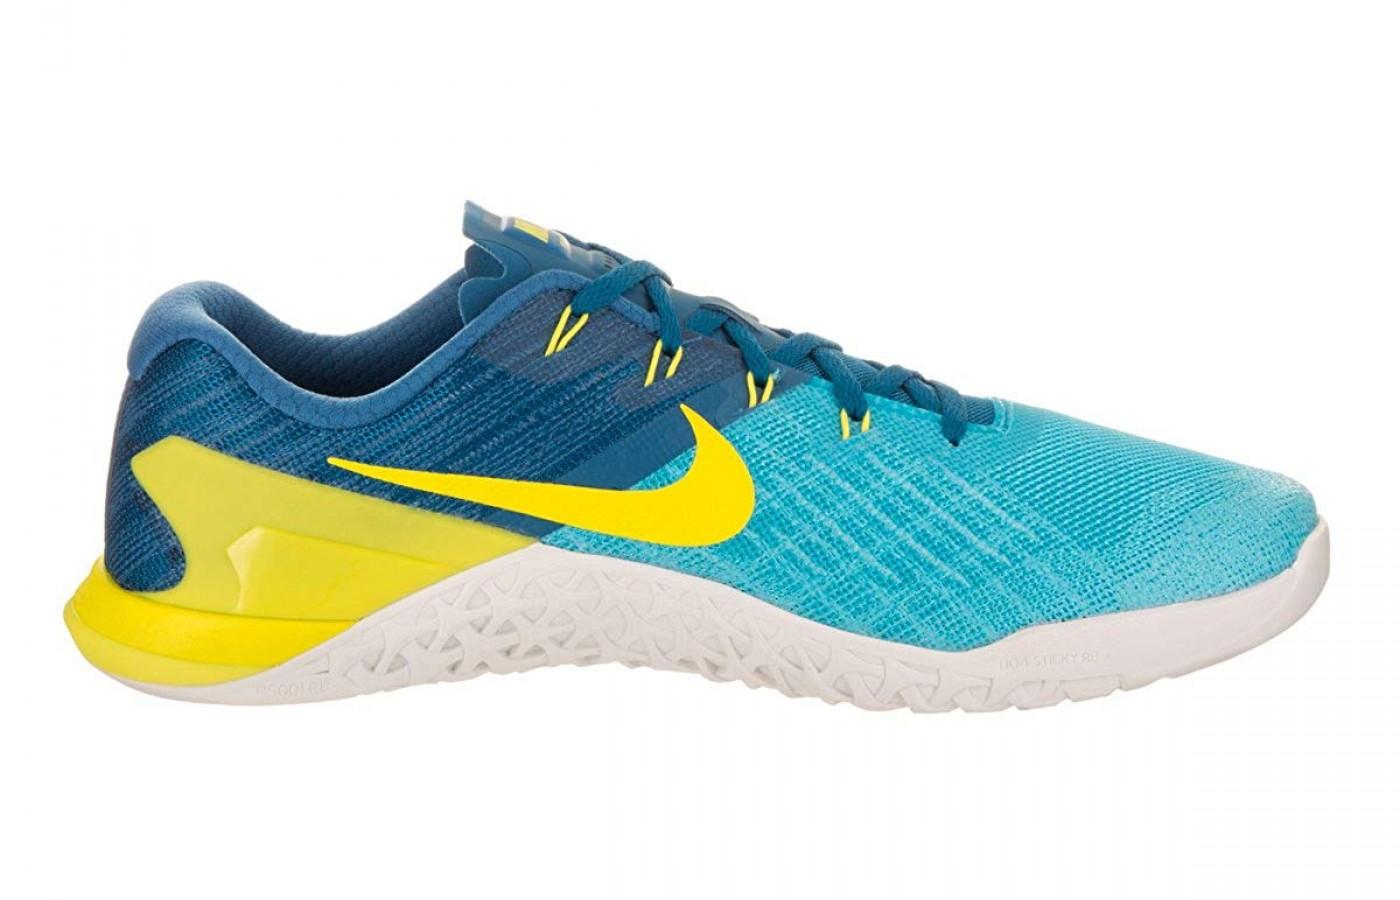 Nike Metcon Flyknit 3 Outsole